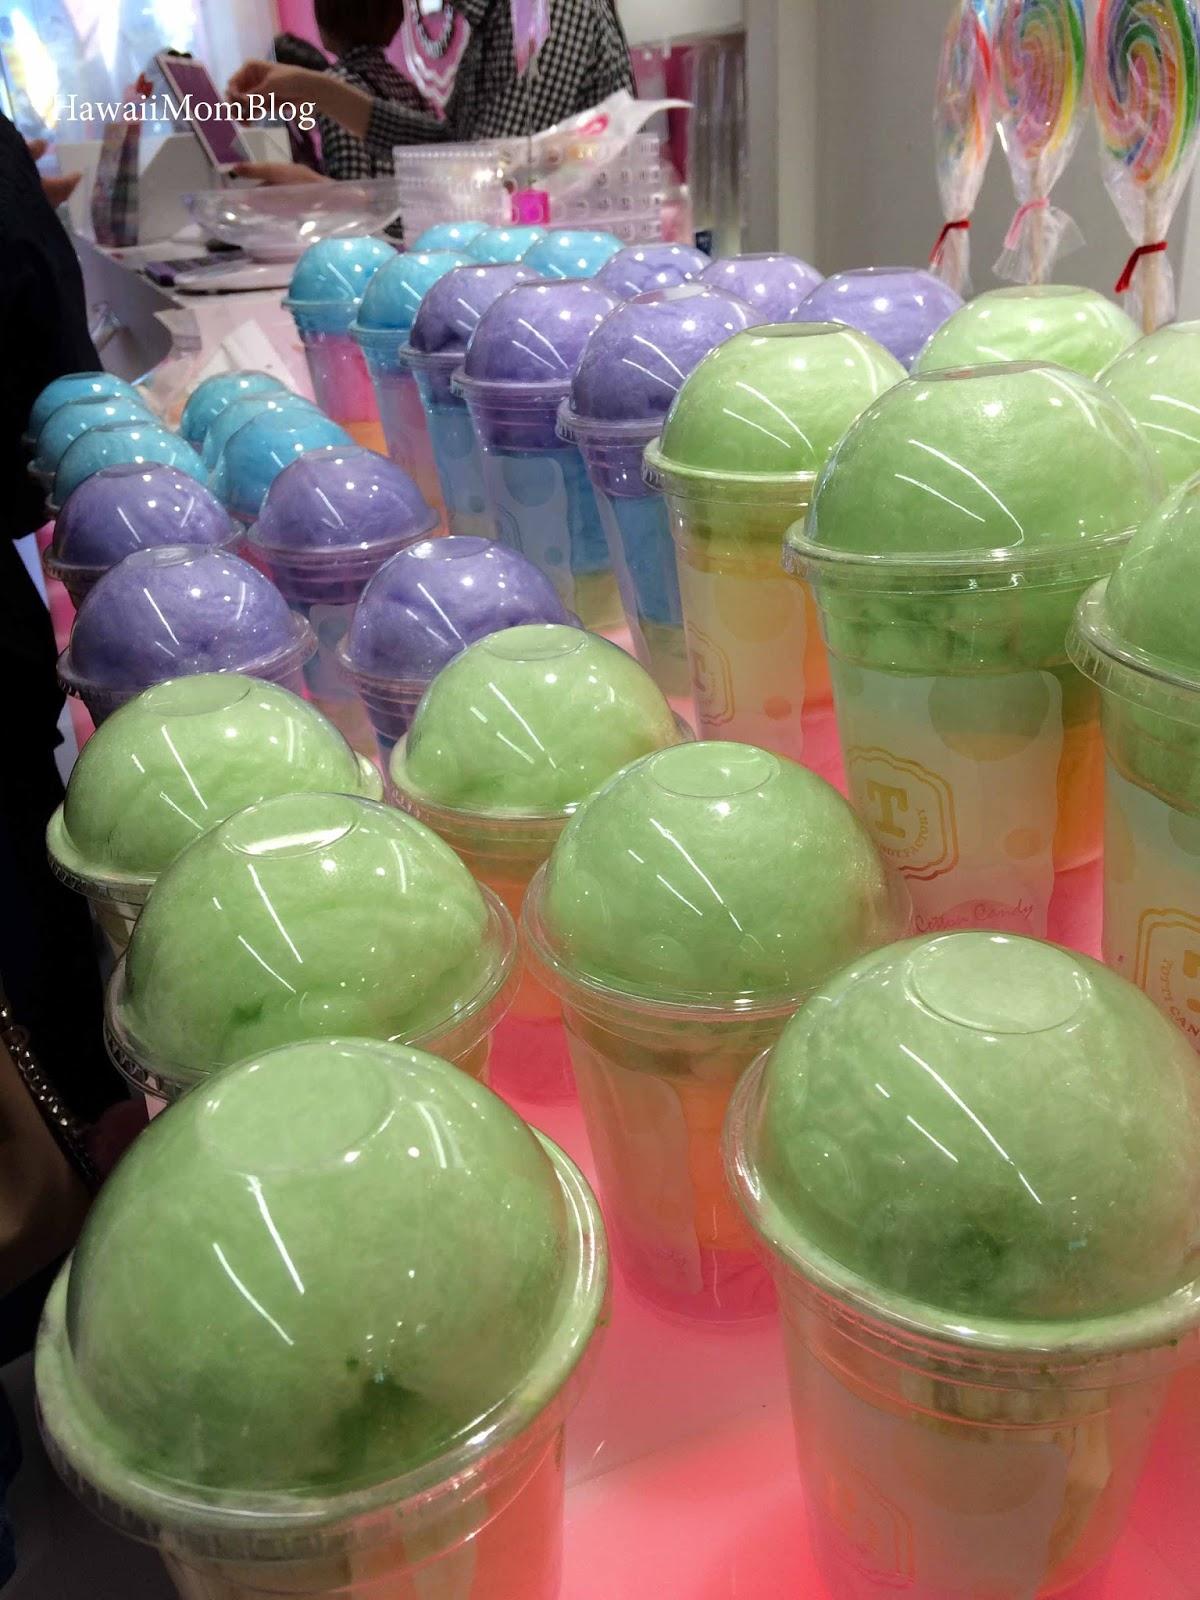 Hawaii Mom Blog: Visit Tokyo: Totti Candy Factory